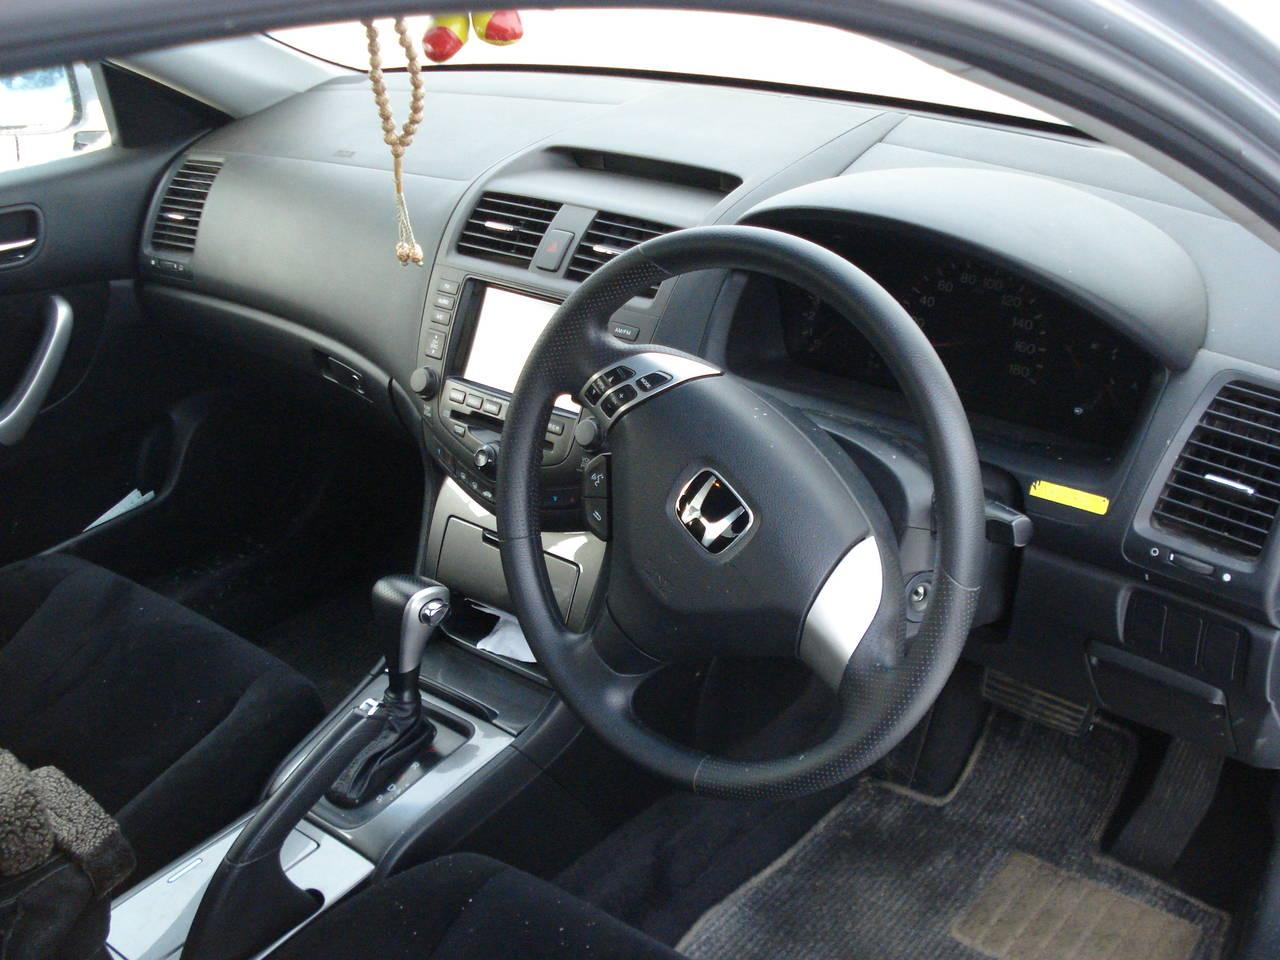 Хонда аккорд 2004 фото